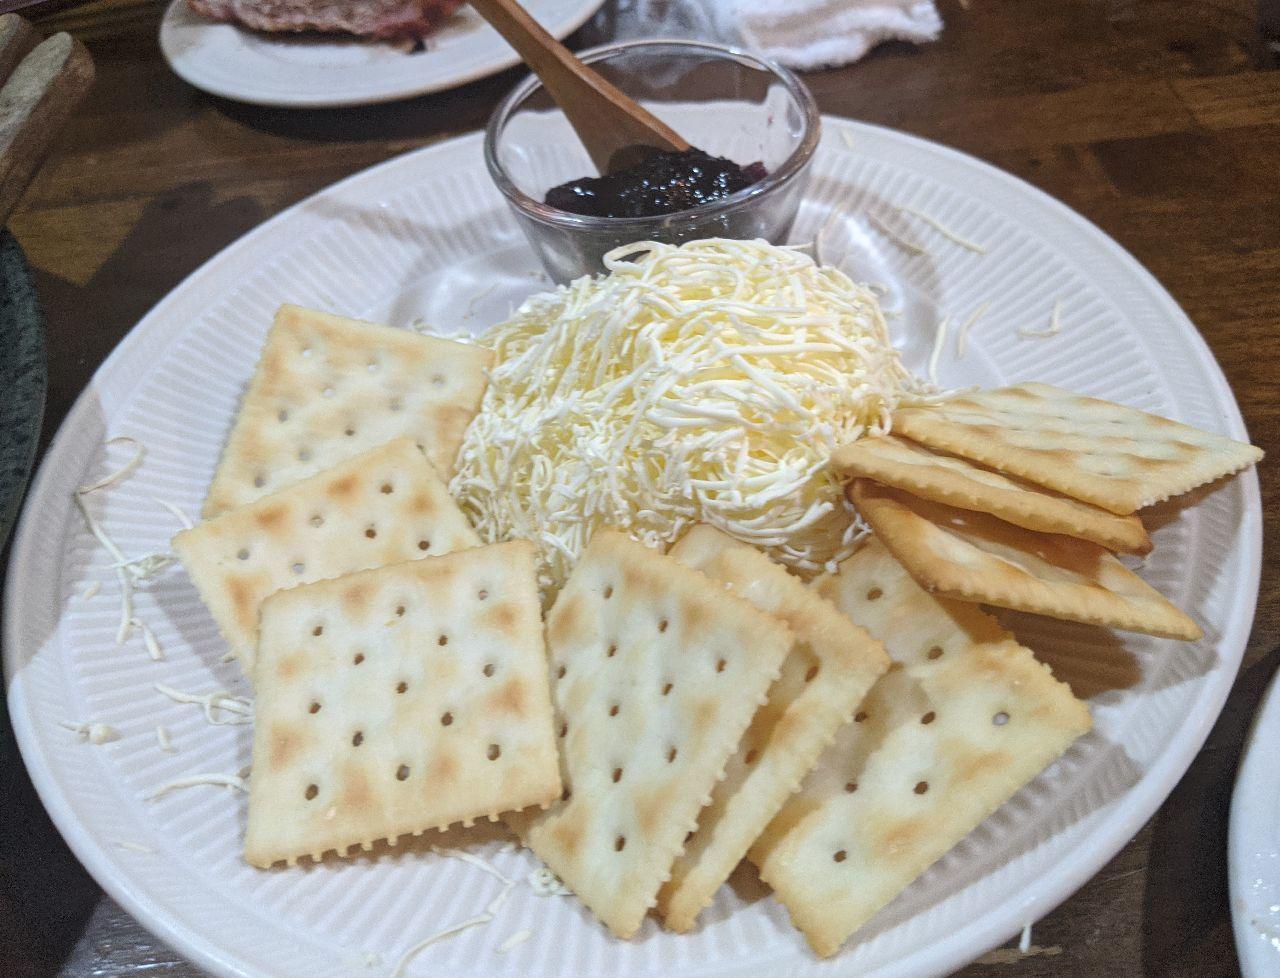 MVIMG_20200911_192052クリームチーズ、ブルーベリーソース